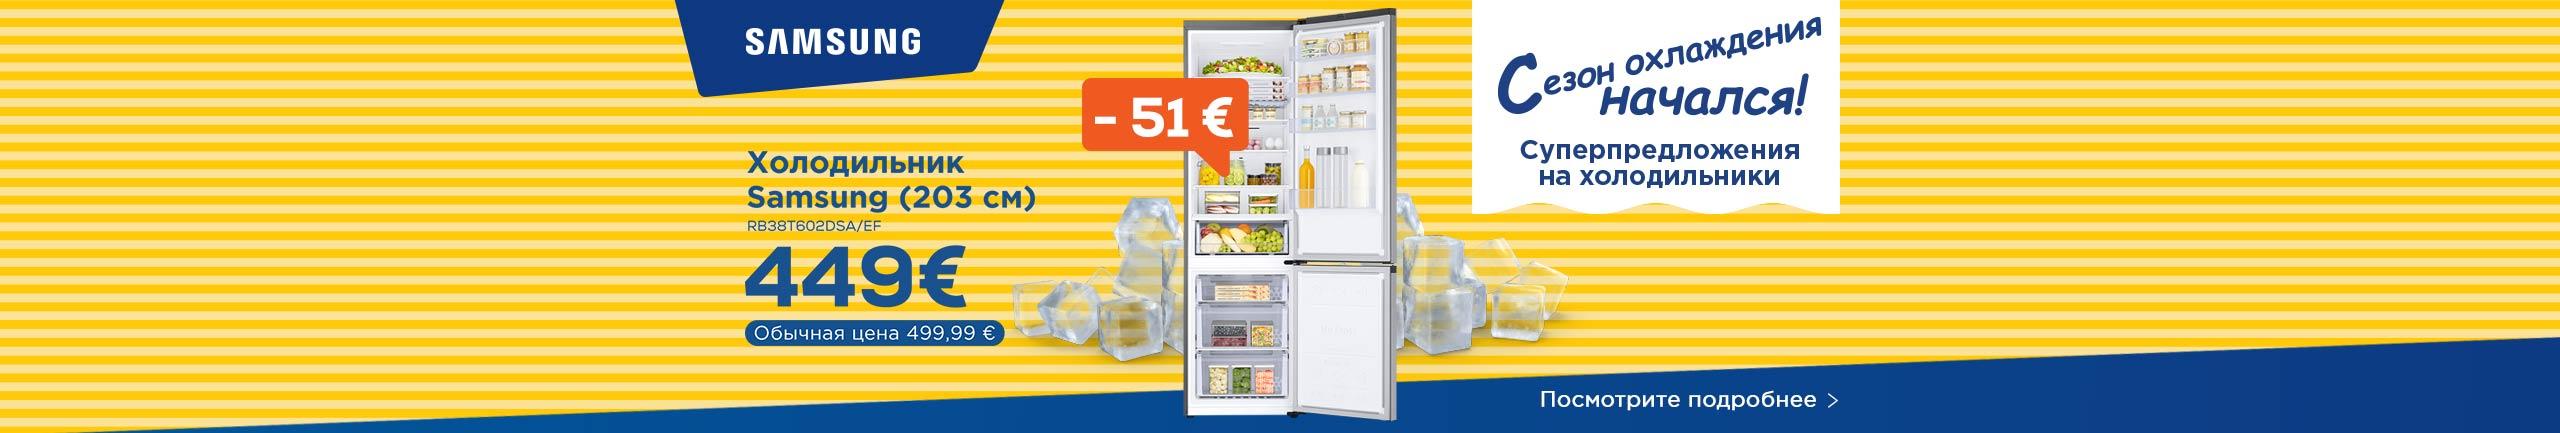 FPS Сезон охлаждения начался! Суперпредложения на холодильники, Samsung